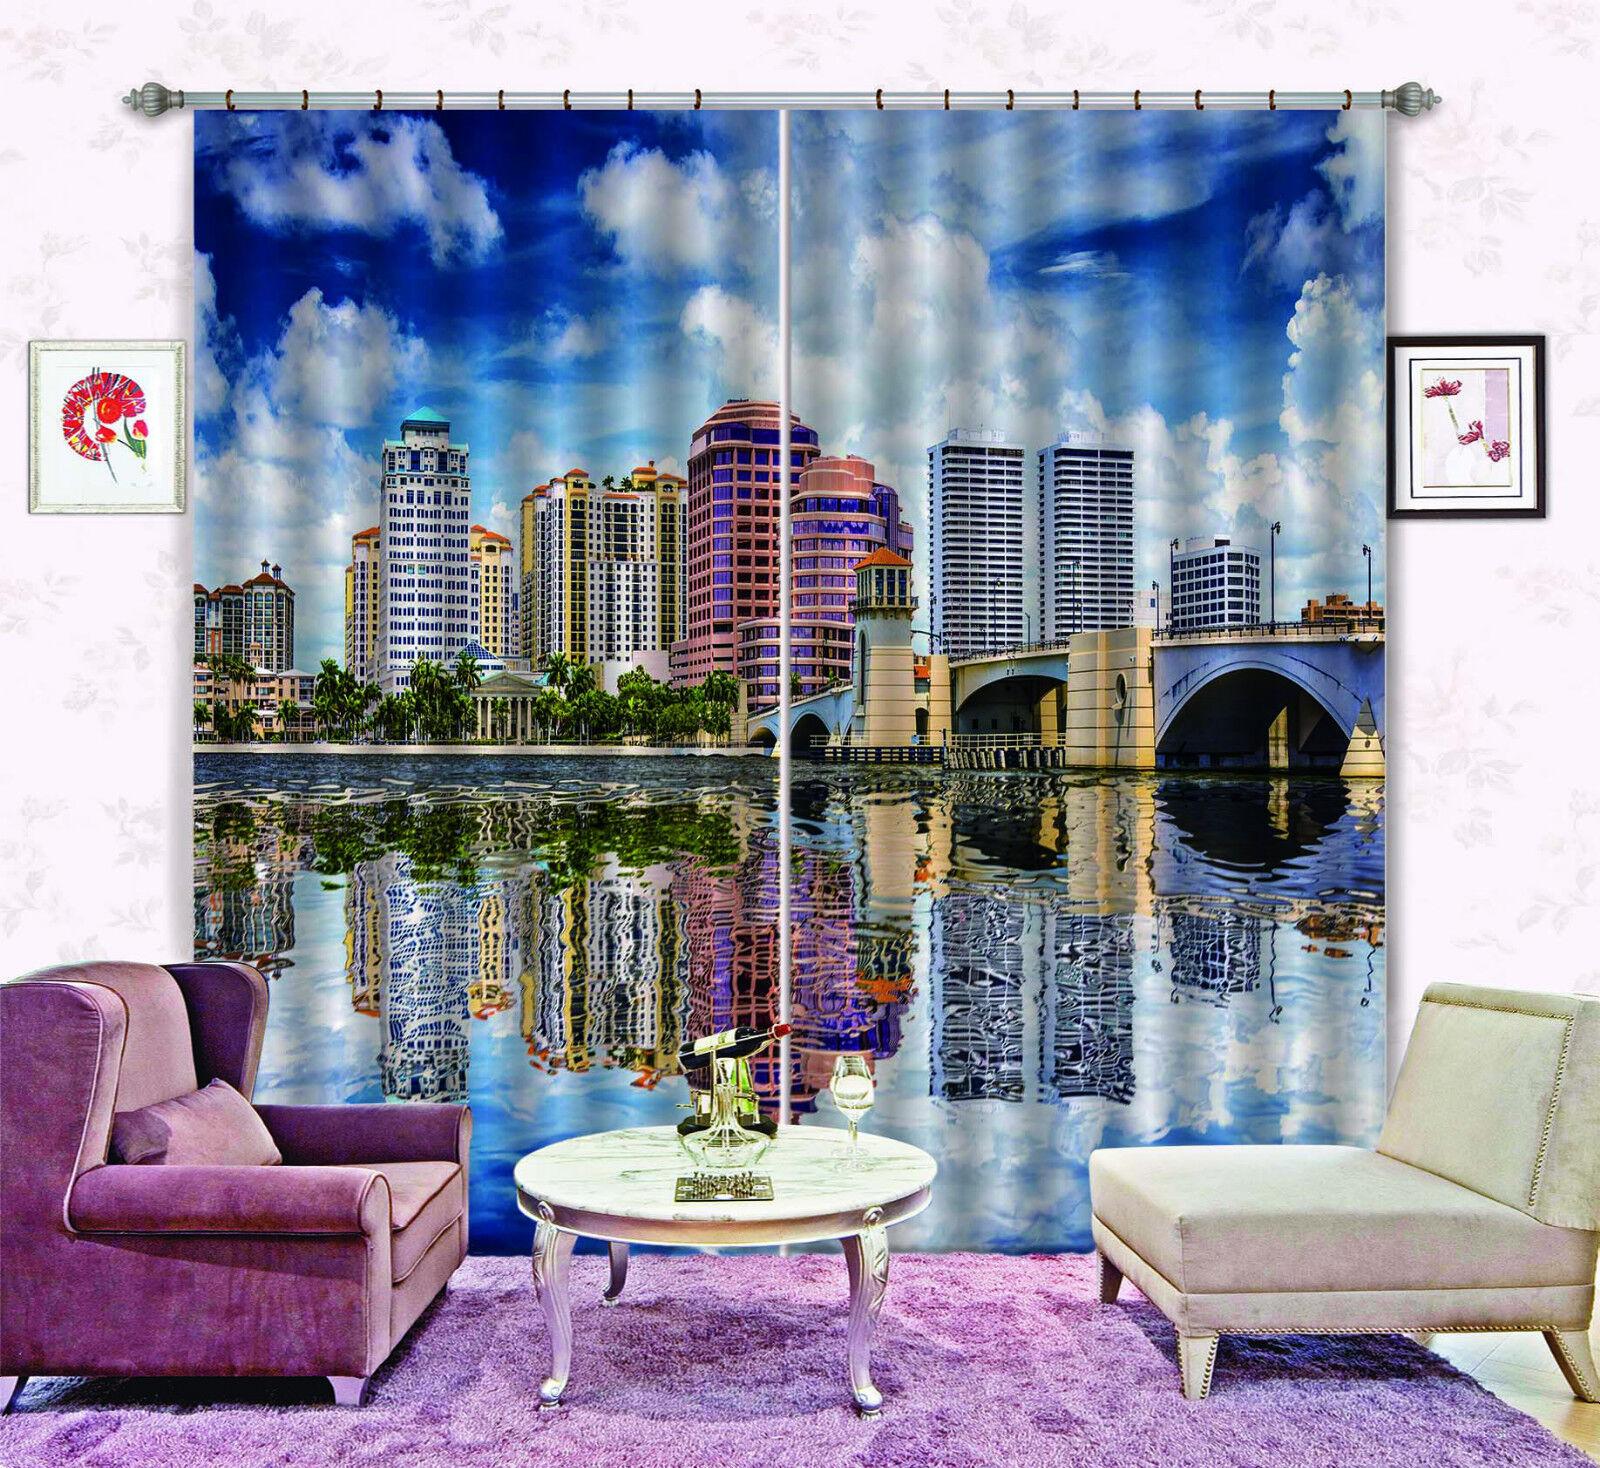 3d ciudad edificio 54 bloqueo foto cortina cortina de impresión sustancia cortinas de ventana